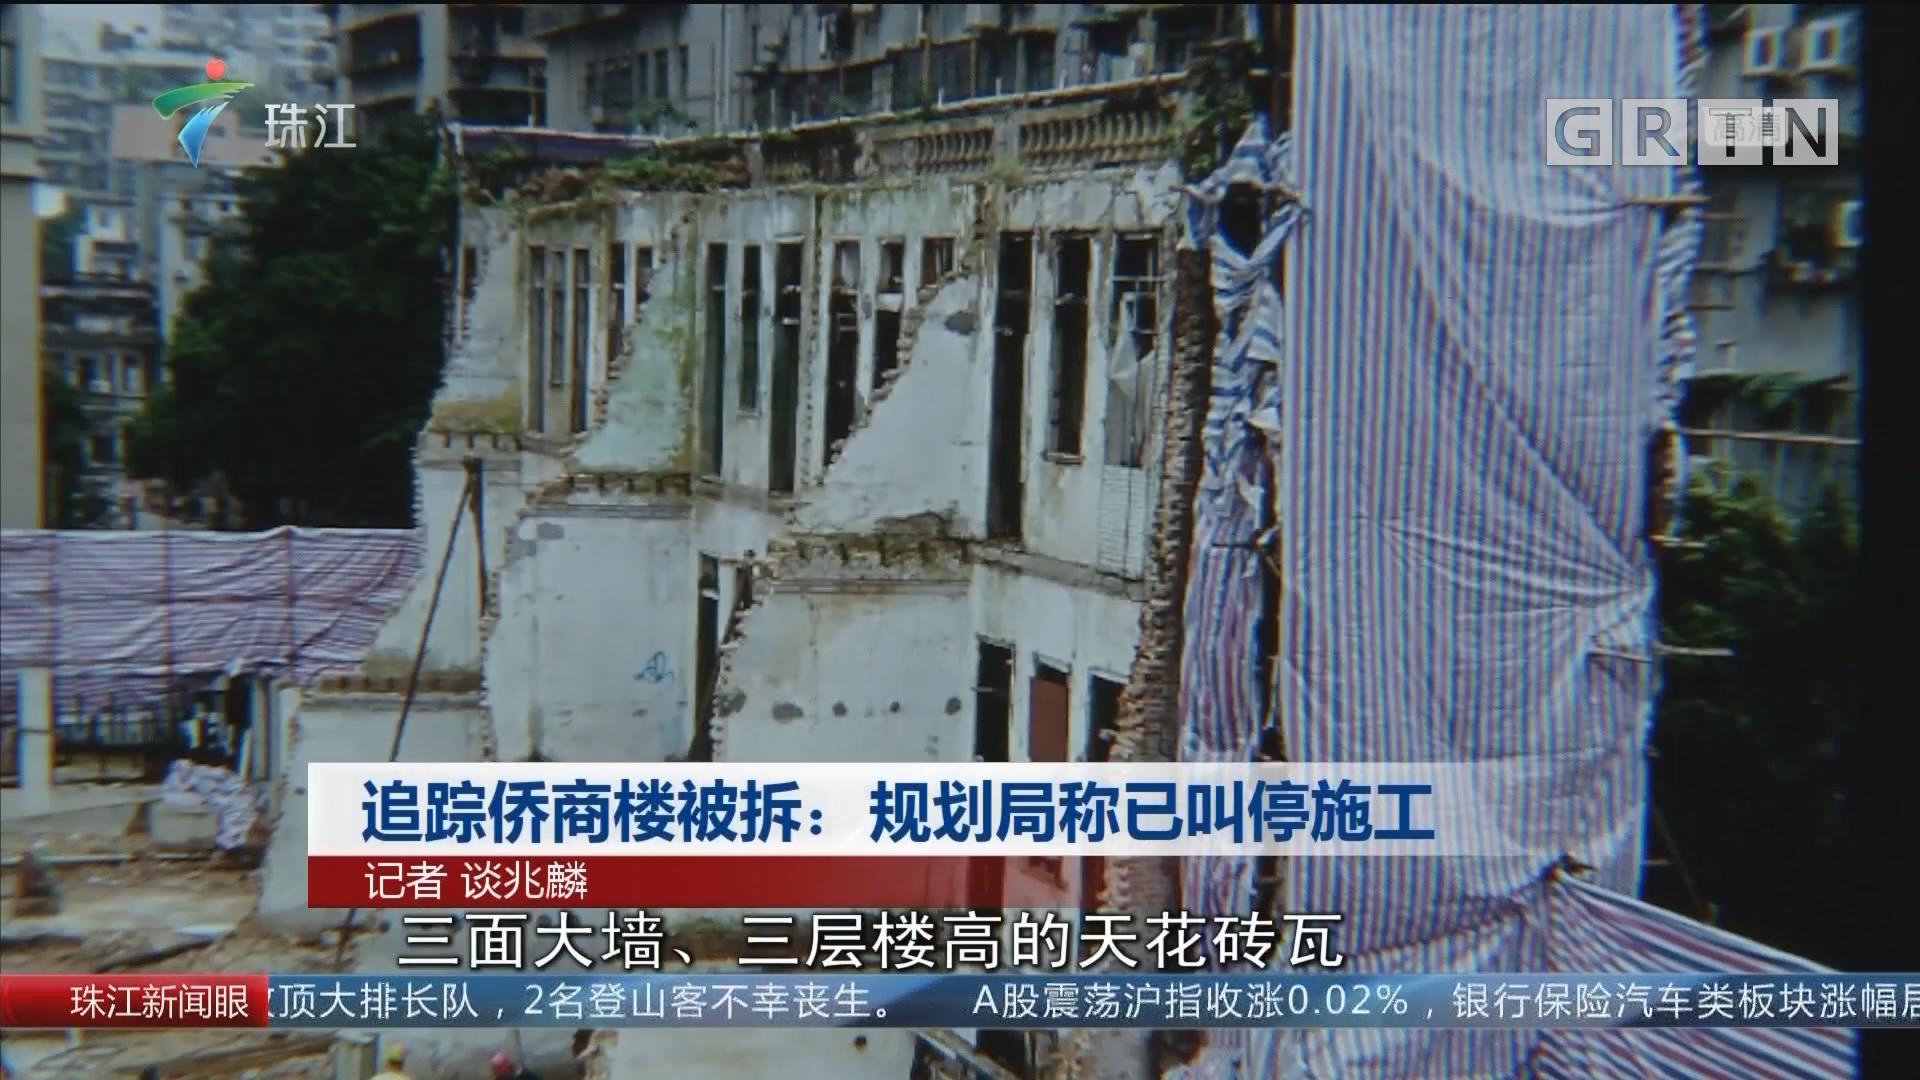 追踪侨商楼被拆:规划局称已叫停施工